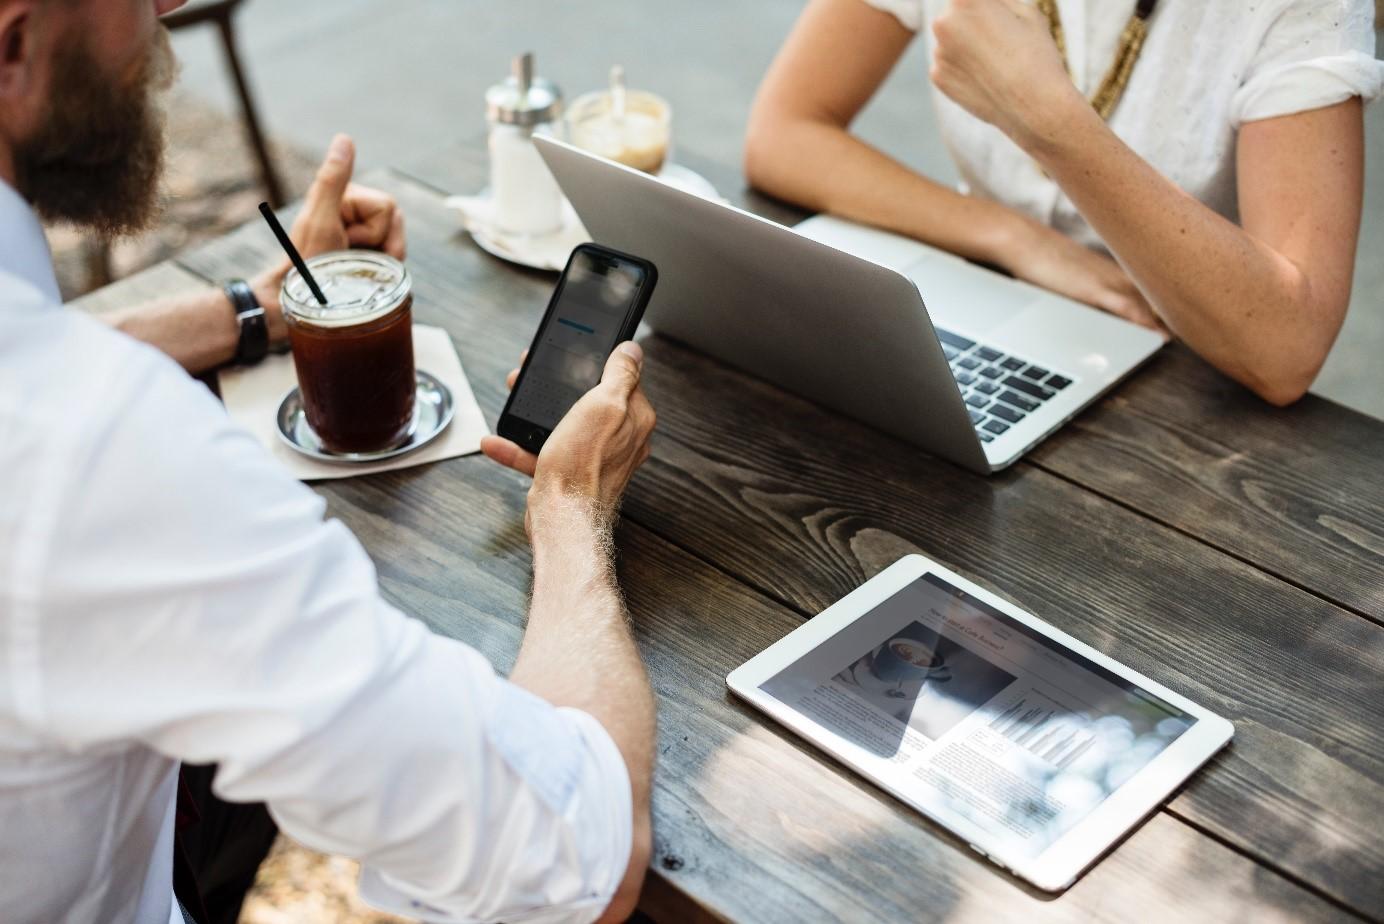 Zwei Personen sitzen mit Laptop und Smartphone am Tisch - Telefonkonferenzen an jedem Ort zu jeder Zeit